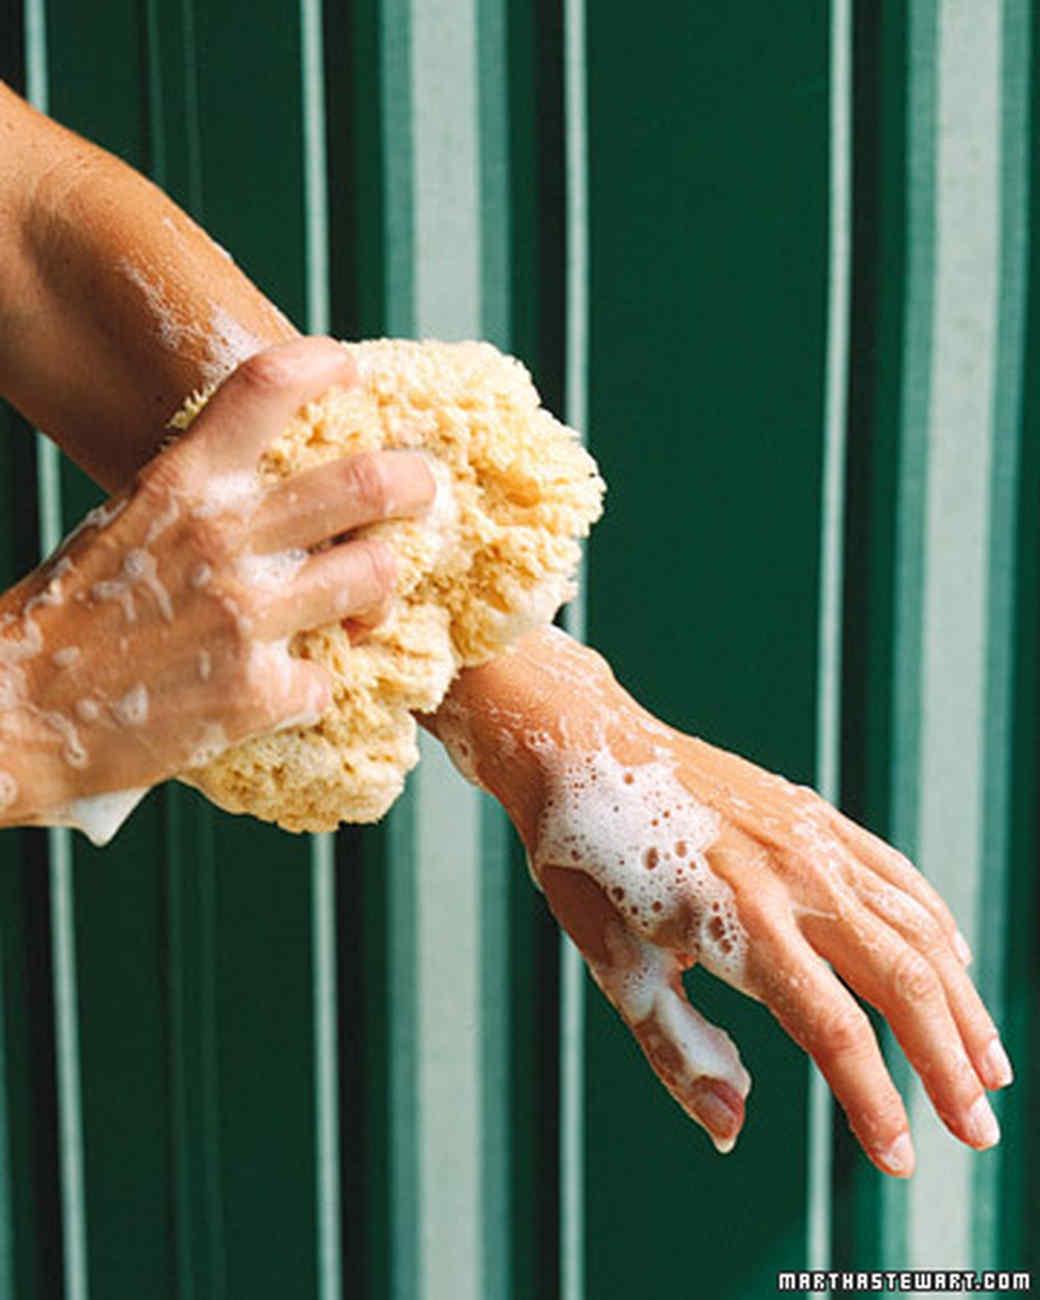 Soap in a Sponge